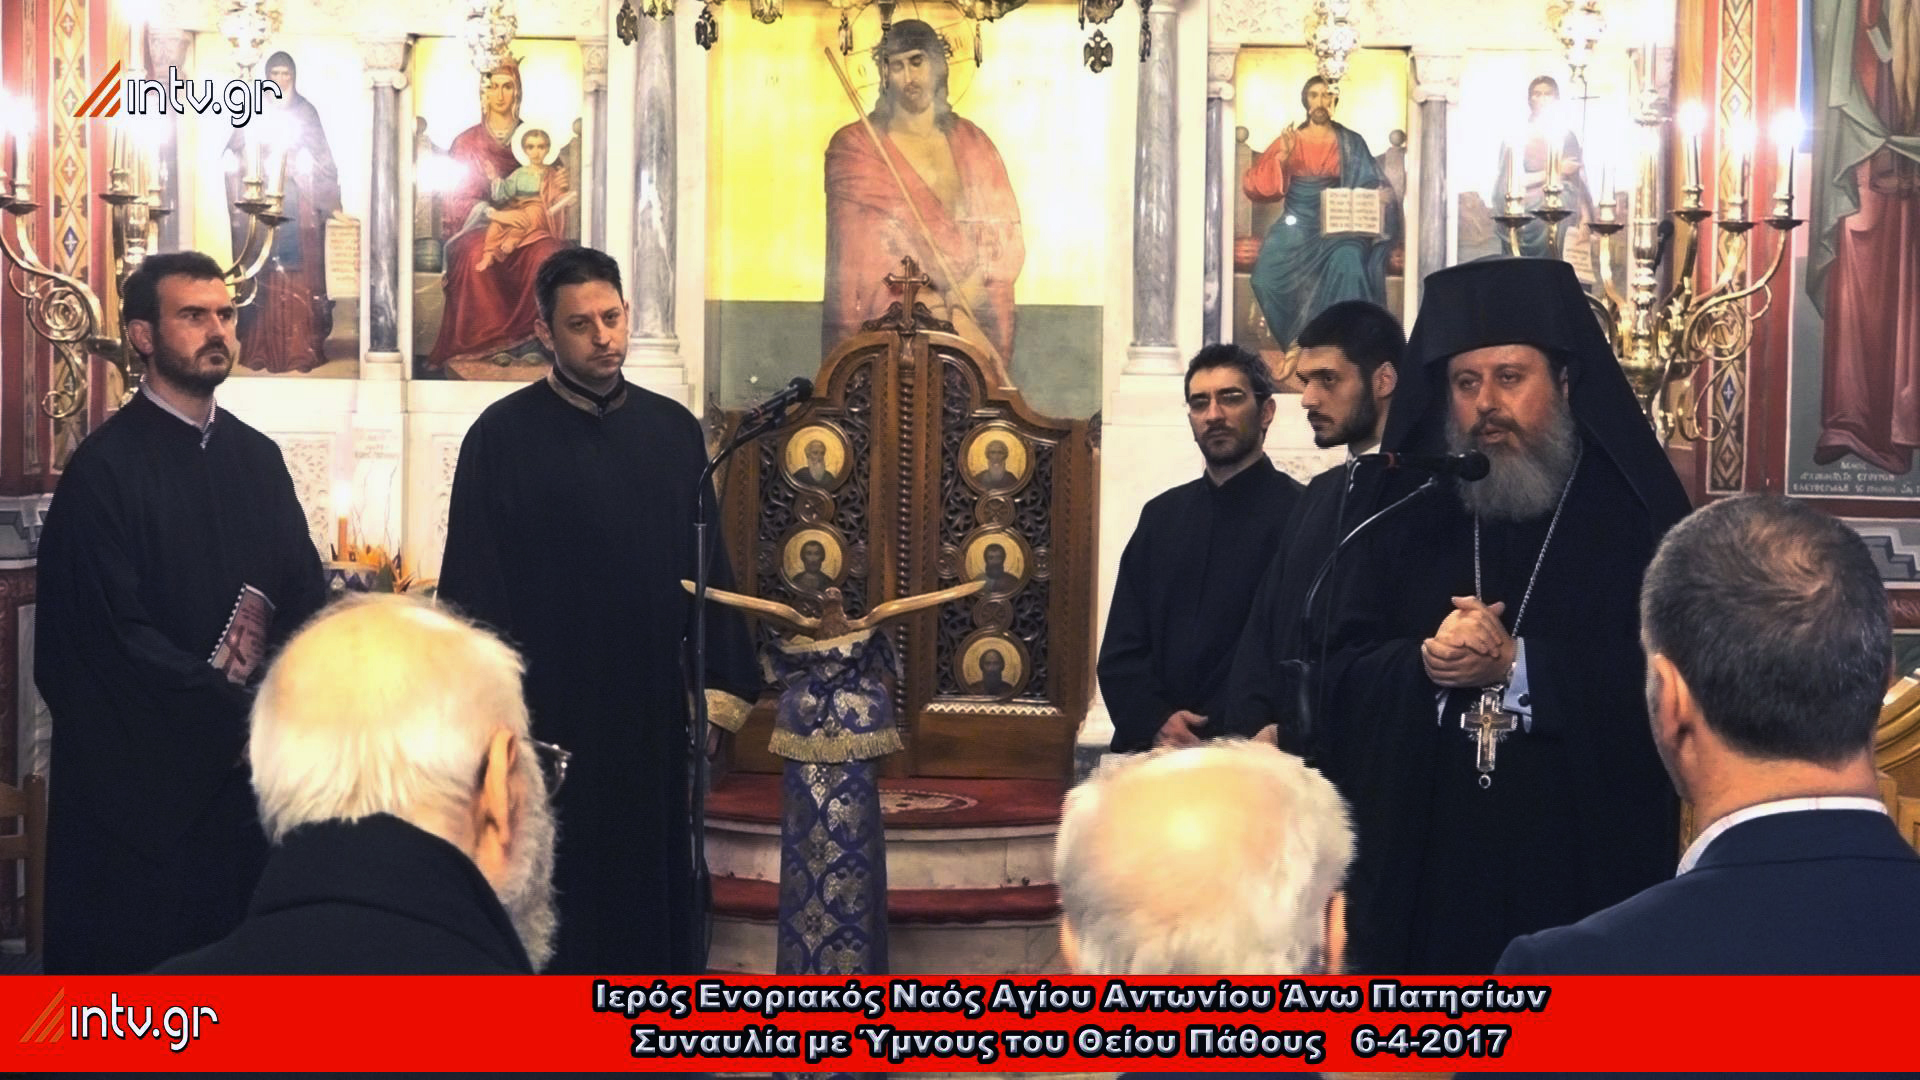 Ιερός Ενοριακός Ναός Αγίου Αντωνίου Άνω Πατησίων - Συναυλία με Ύμνους του Θείου Πάθους